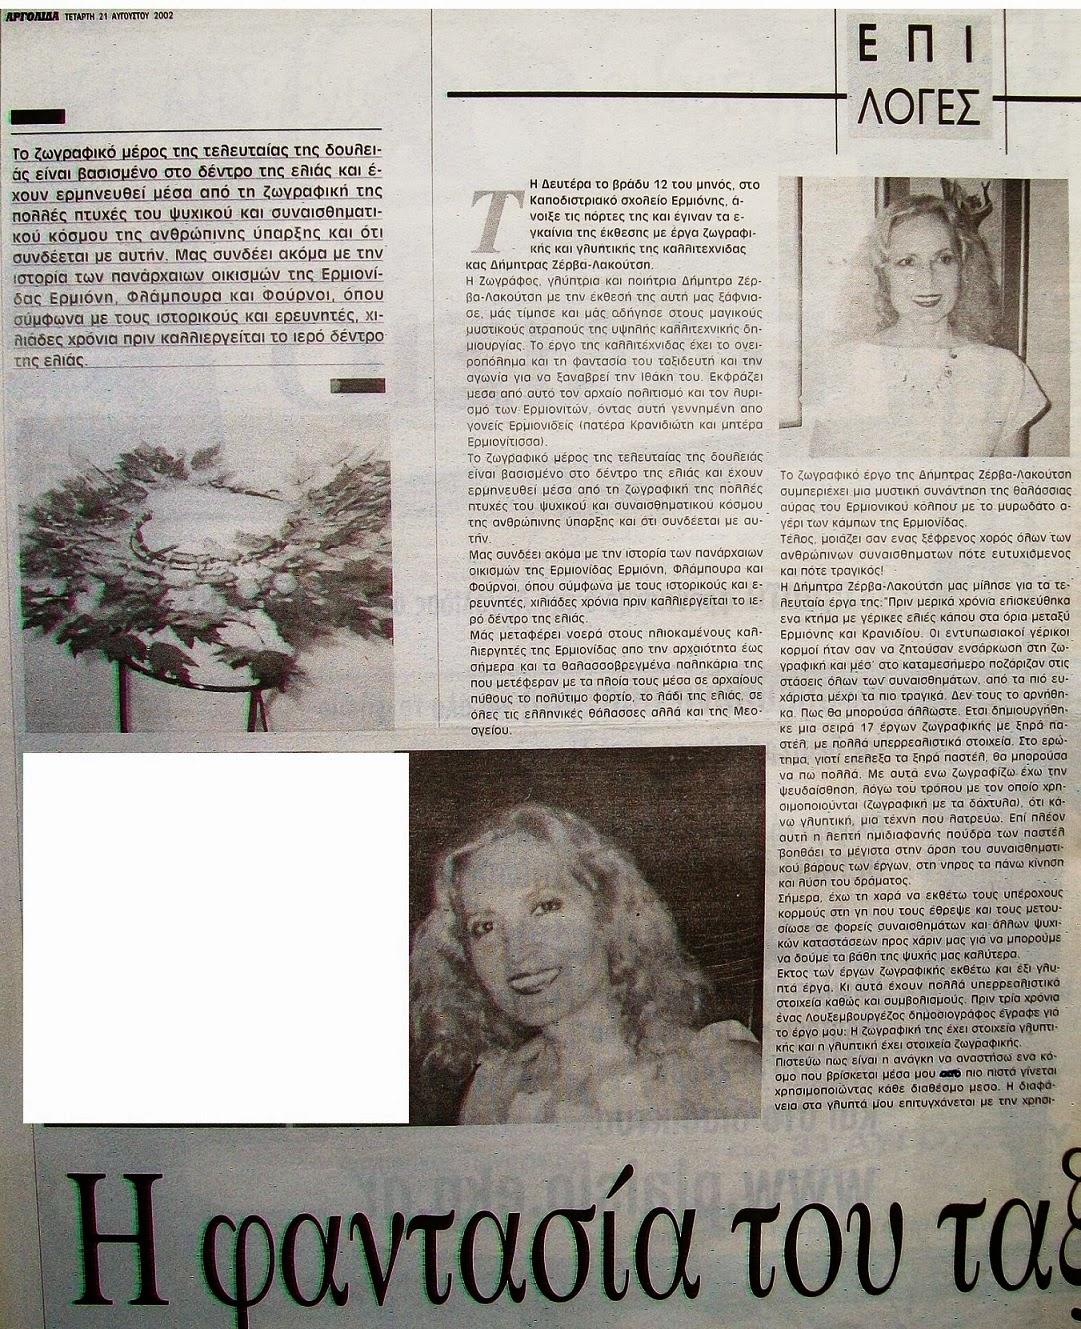 """Η έκθεση της καλλιτέχνιδος Δήμητρας Λακούτση στην Ερμιόνη στην εφημερίδα """"ΑΡΓΟΛΙΔΑ"""" ..."""